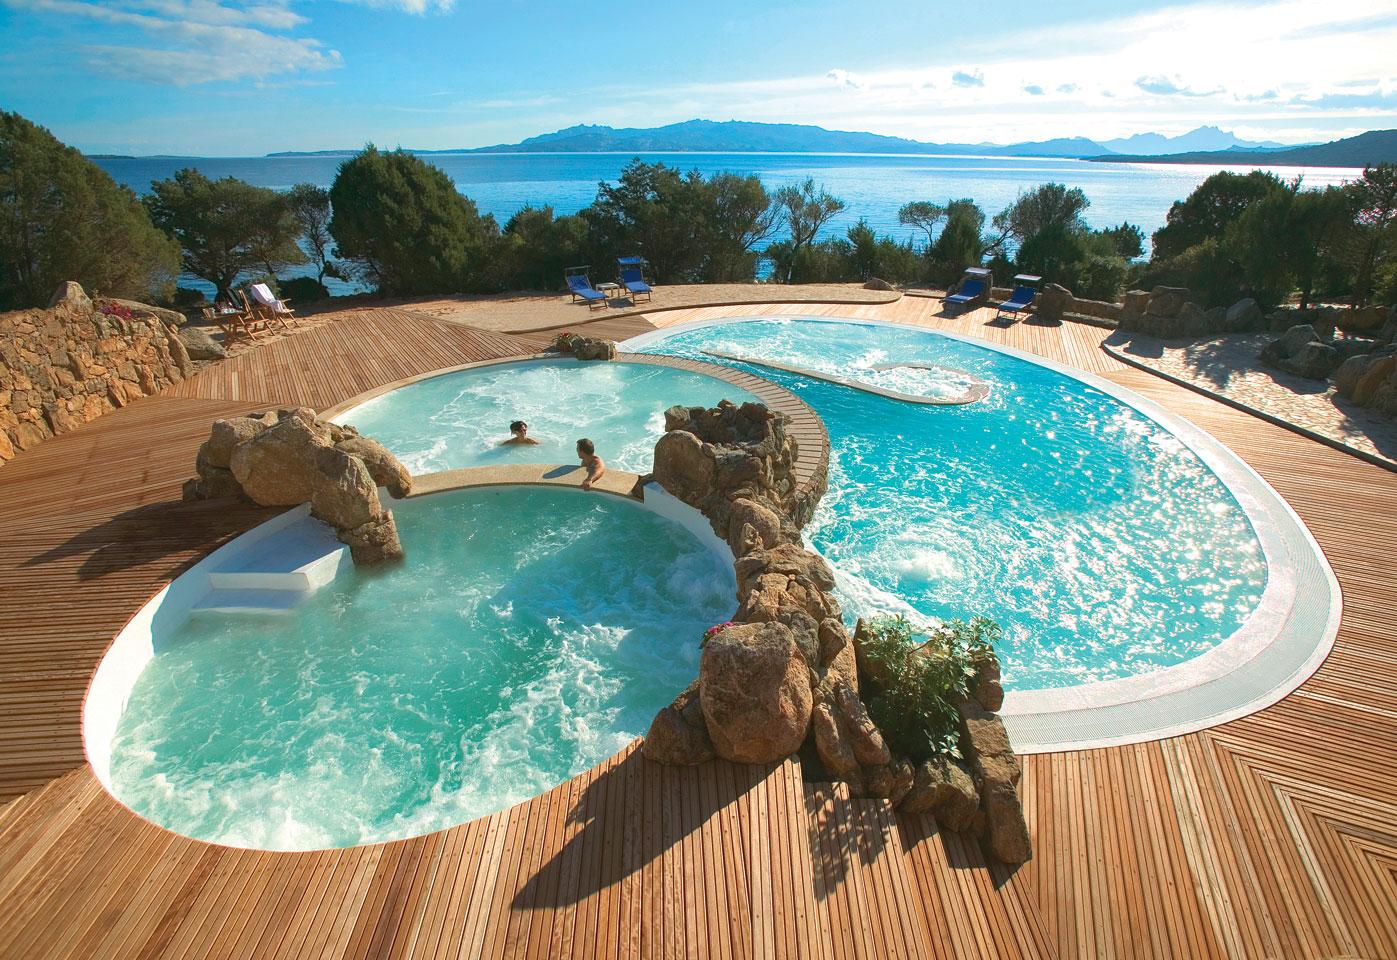 Palau travel guide - Sardinia, Italy - Sardegna.com